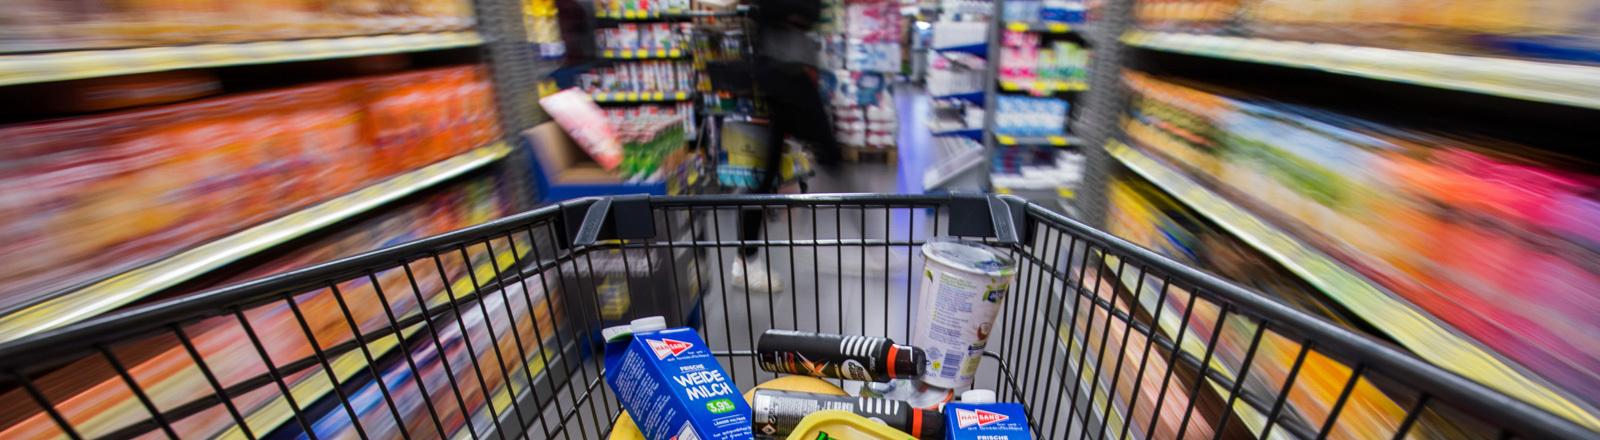 Ein Einkaufswagen mit Lebensmitteln wird durch die Regalreihen in einem Supermarkt geschoben; Foto: dpa